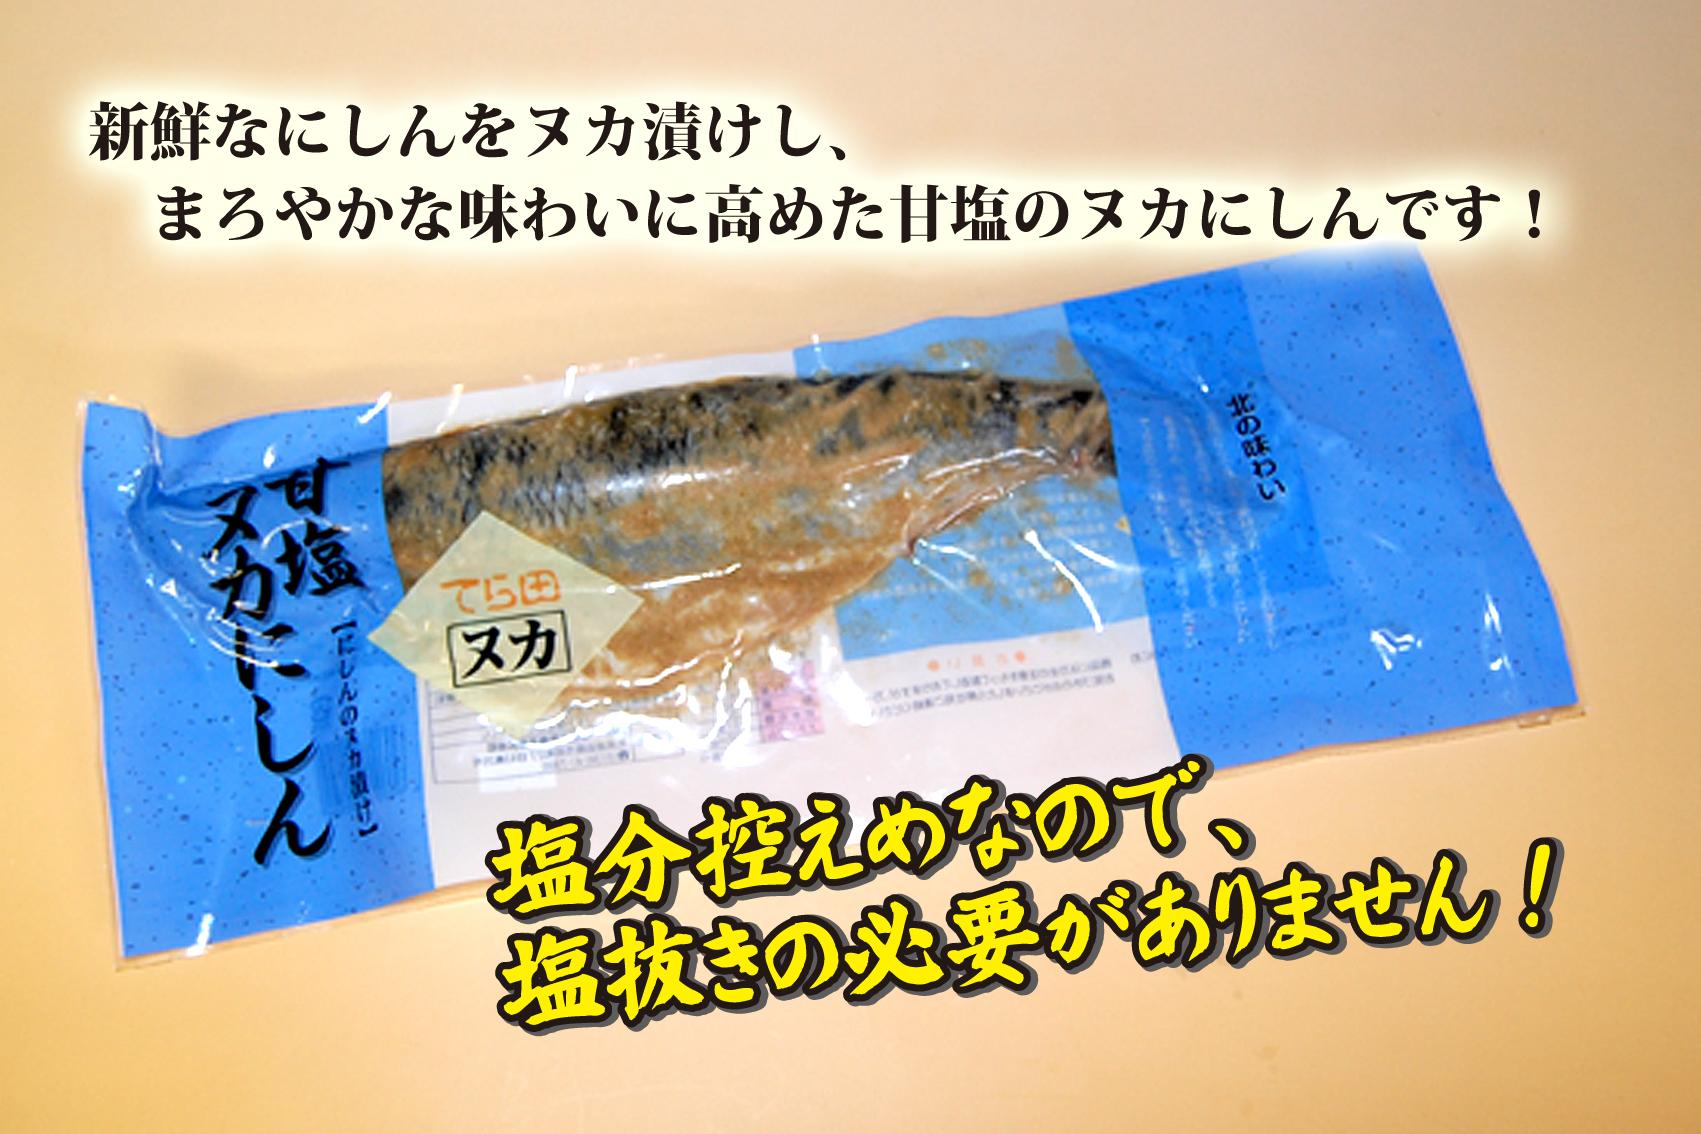 寺田水産 糠にしん(ヌカニシン・ぬかニシン・糠ニシン)